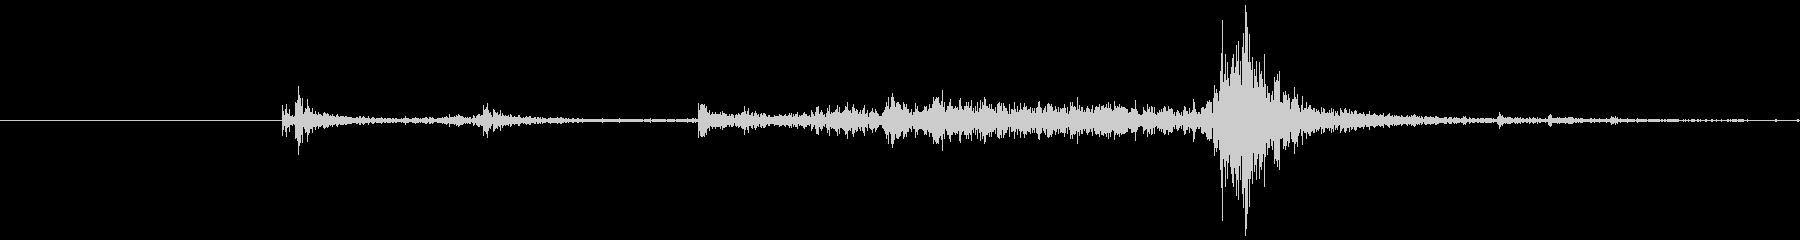 ドアチェーンを掛ける音4の未再生の波形